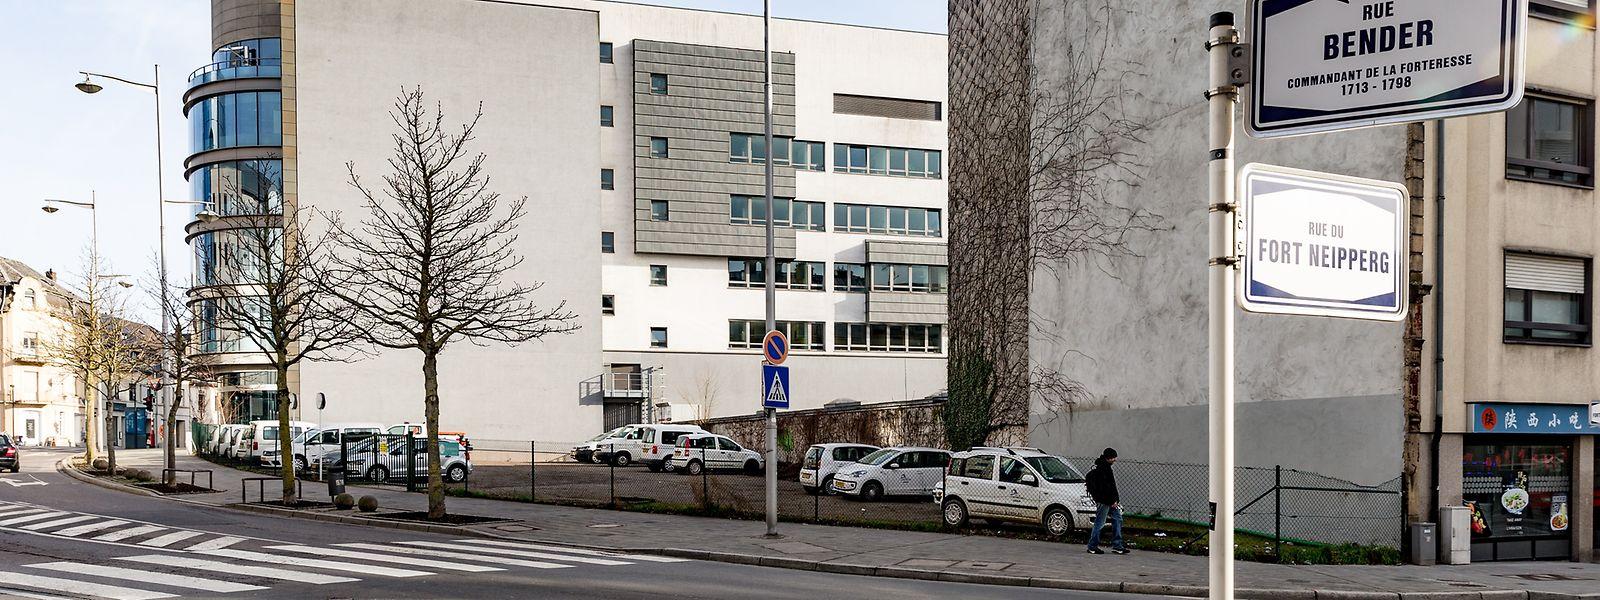 Das Grundstück an der Rue Bender/Rue du Fort Neipperg gehört seit Oktober 2017 wieder der Stadt Luxemburg.